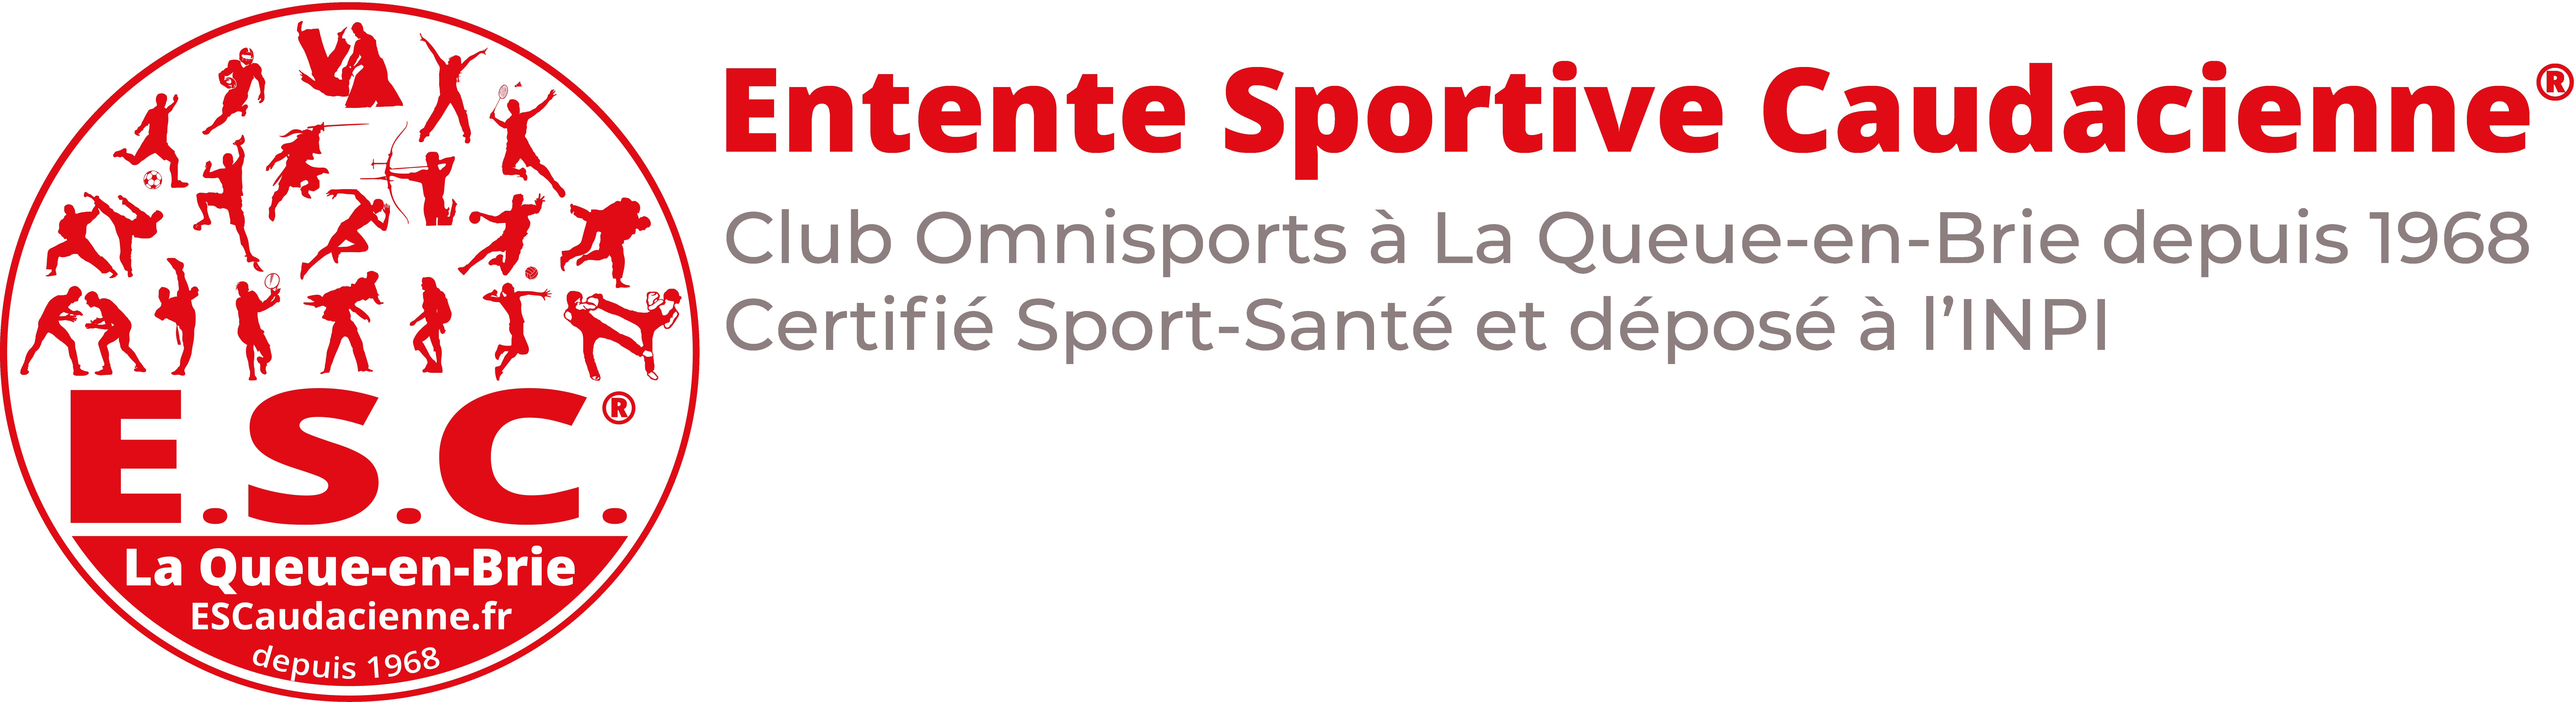 ESC – Entente Sportive Caudacienne®